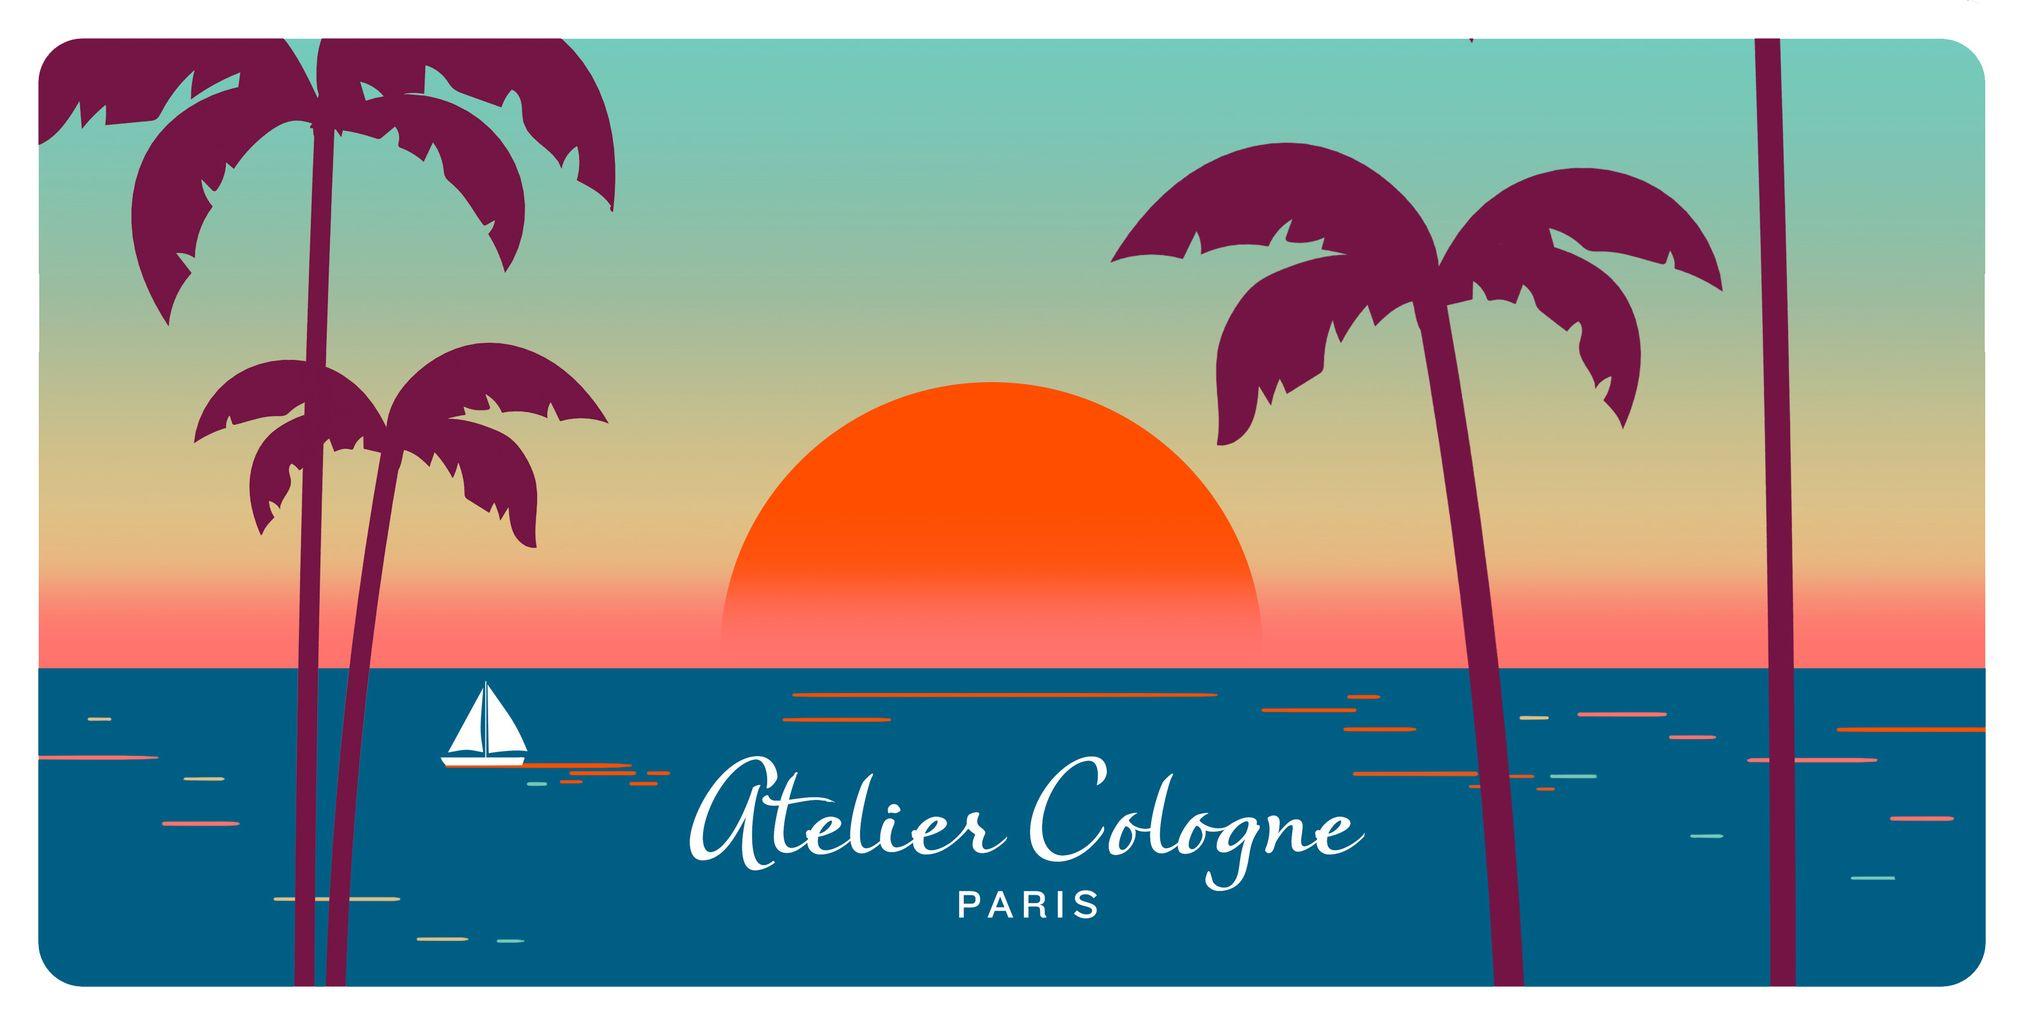 Garance-Illustration-Geoffroy-De-Crécy-Atelier-Cologne3